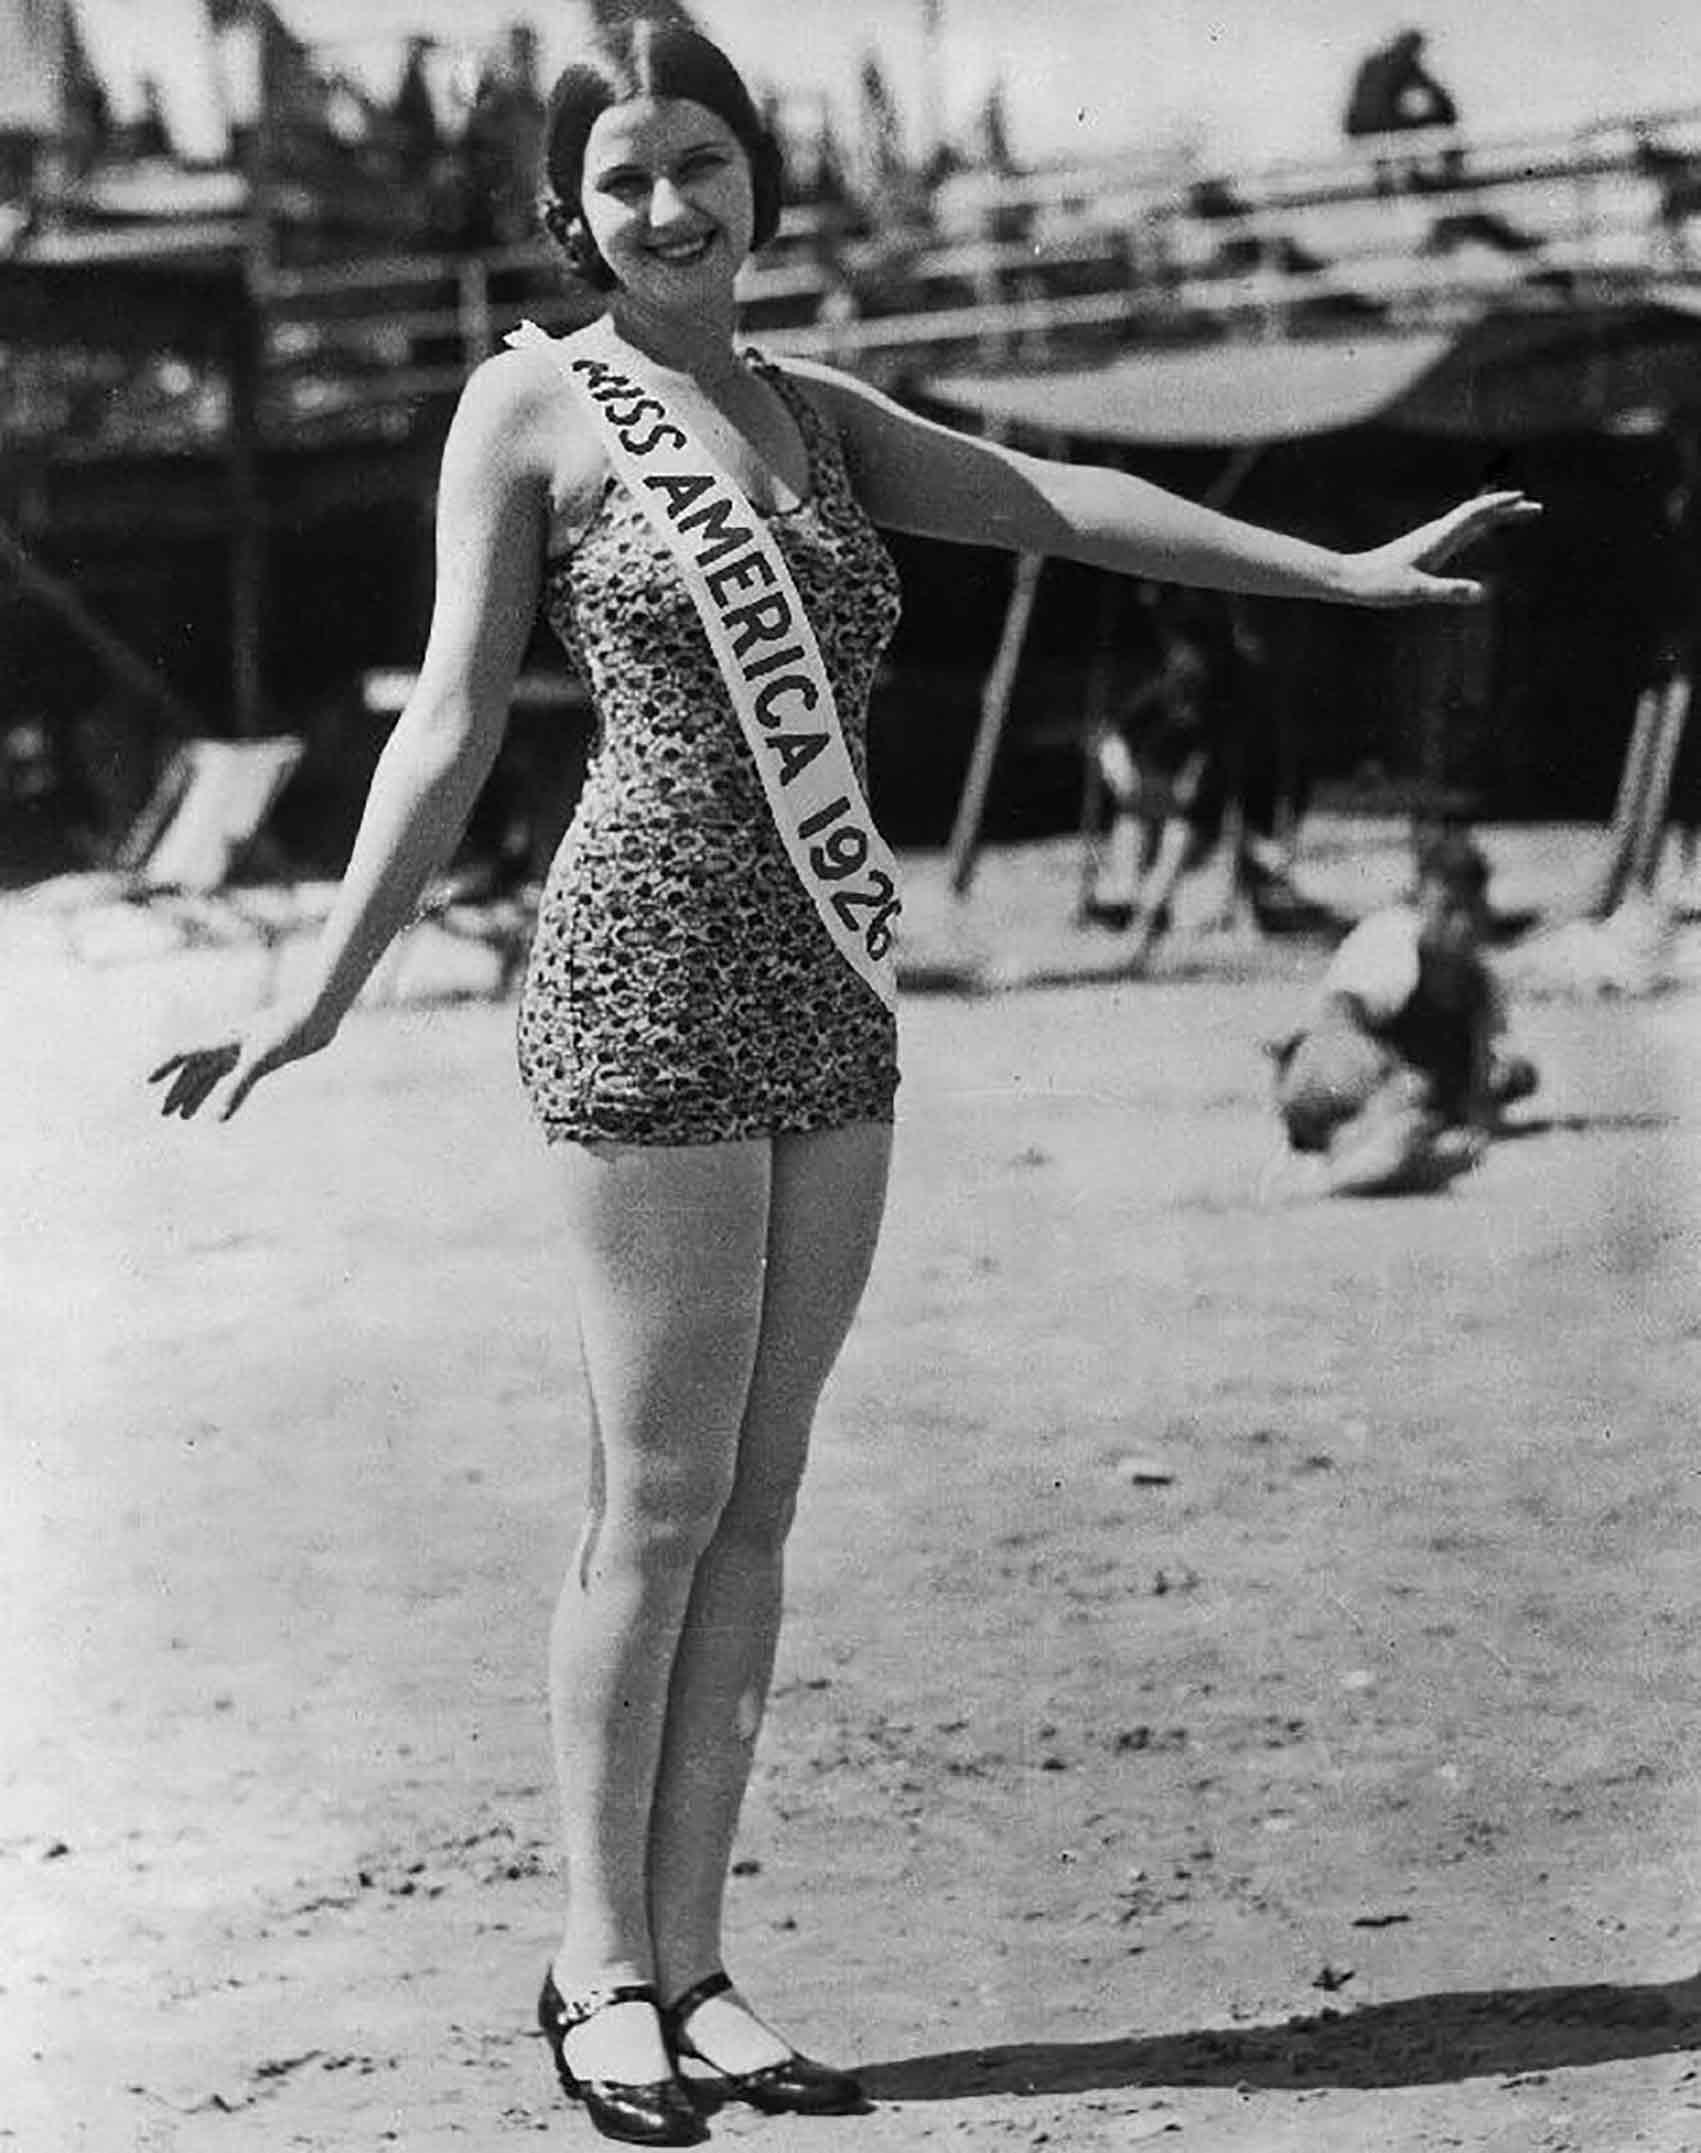 מיס-אמריקה-נורמה-סמוולד-אופנה